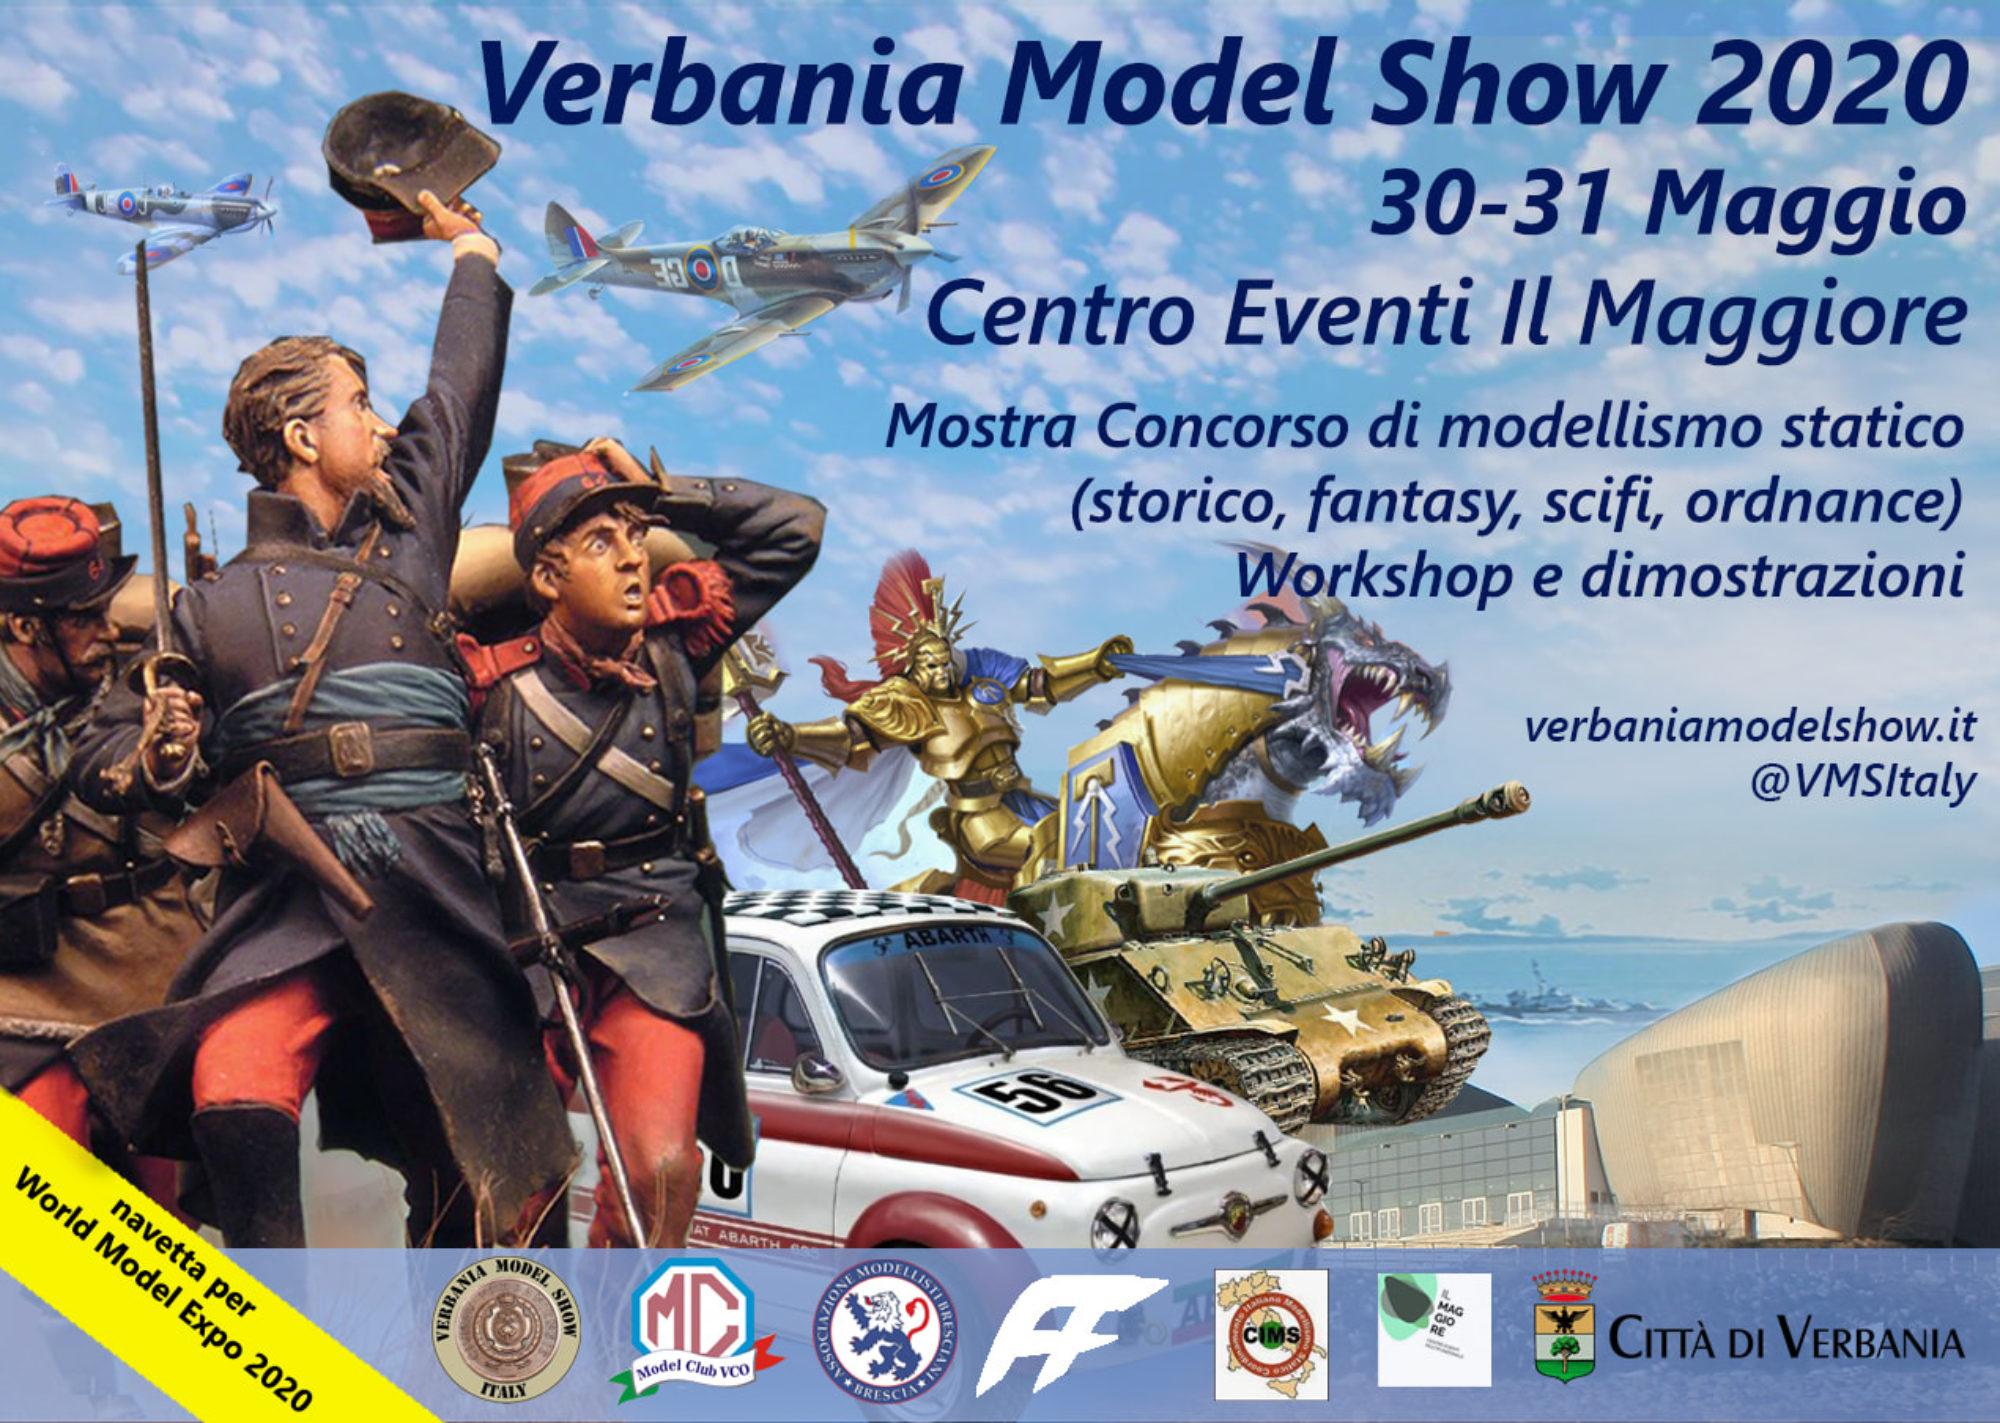 Verbania Model Show 2020